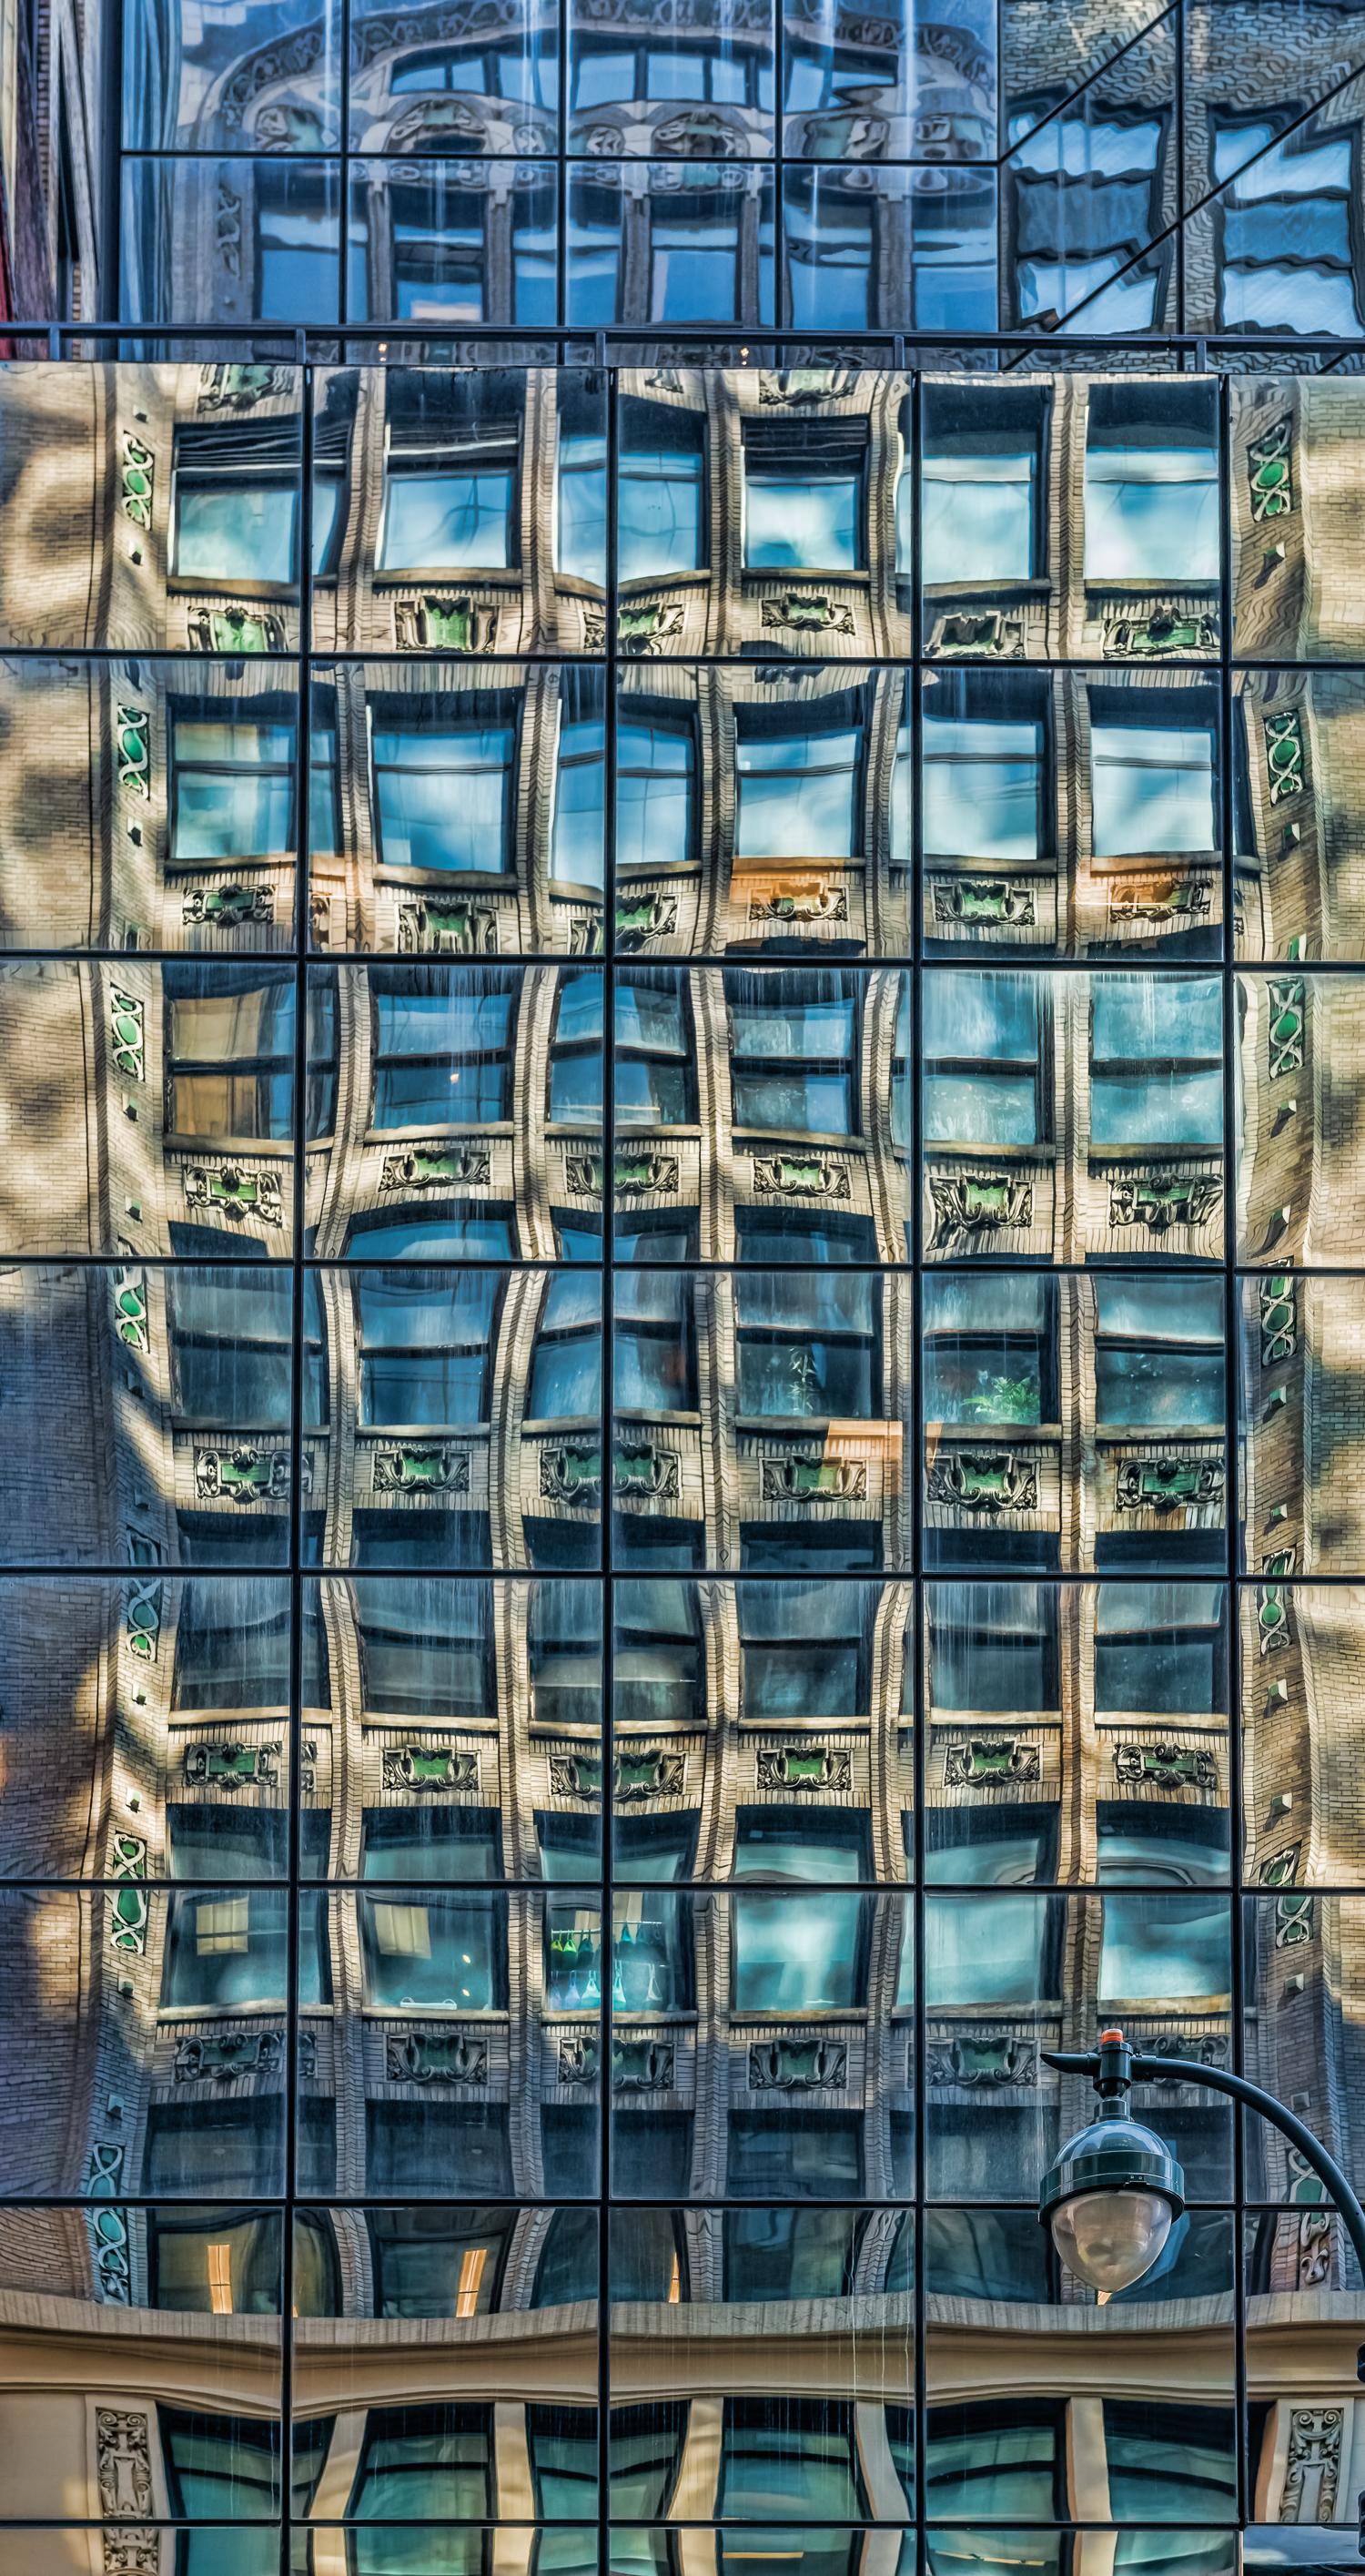 NYC-_HWF5656-Edit.jpg